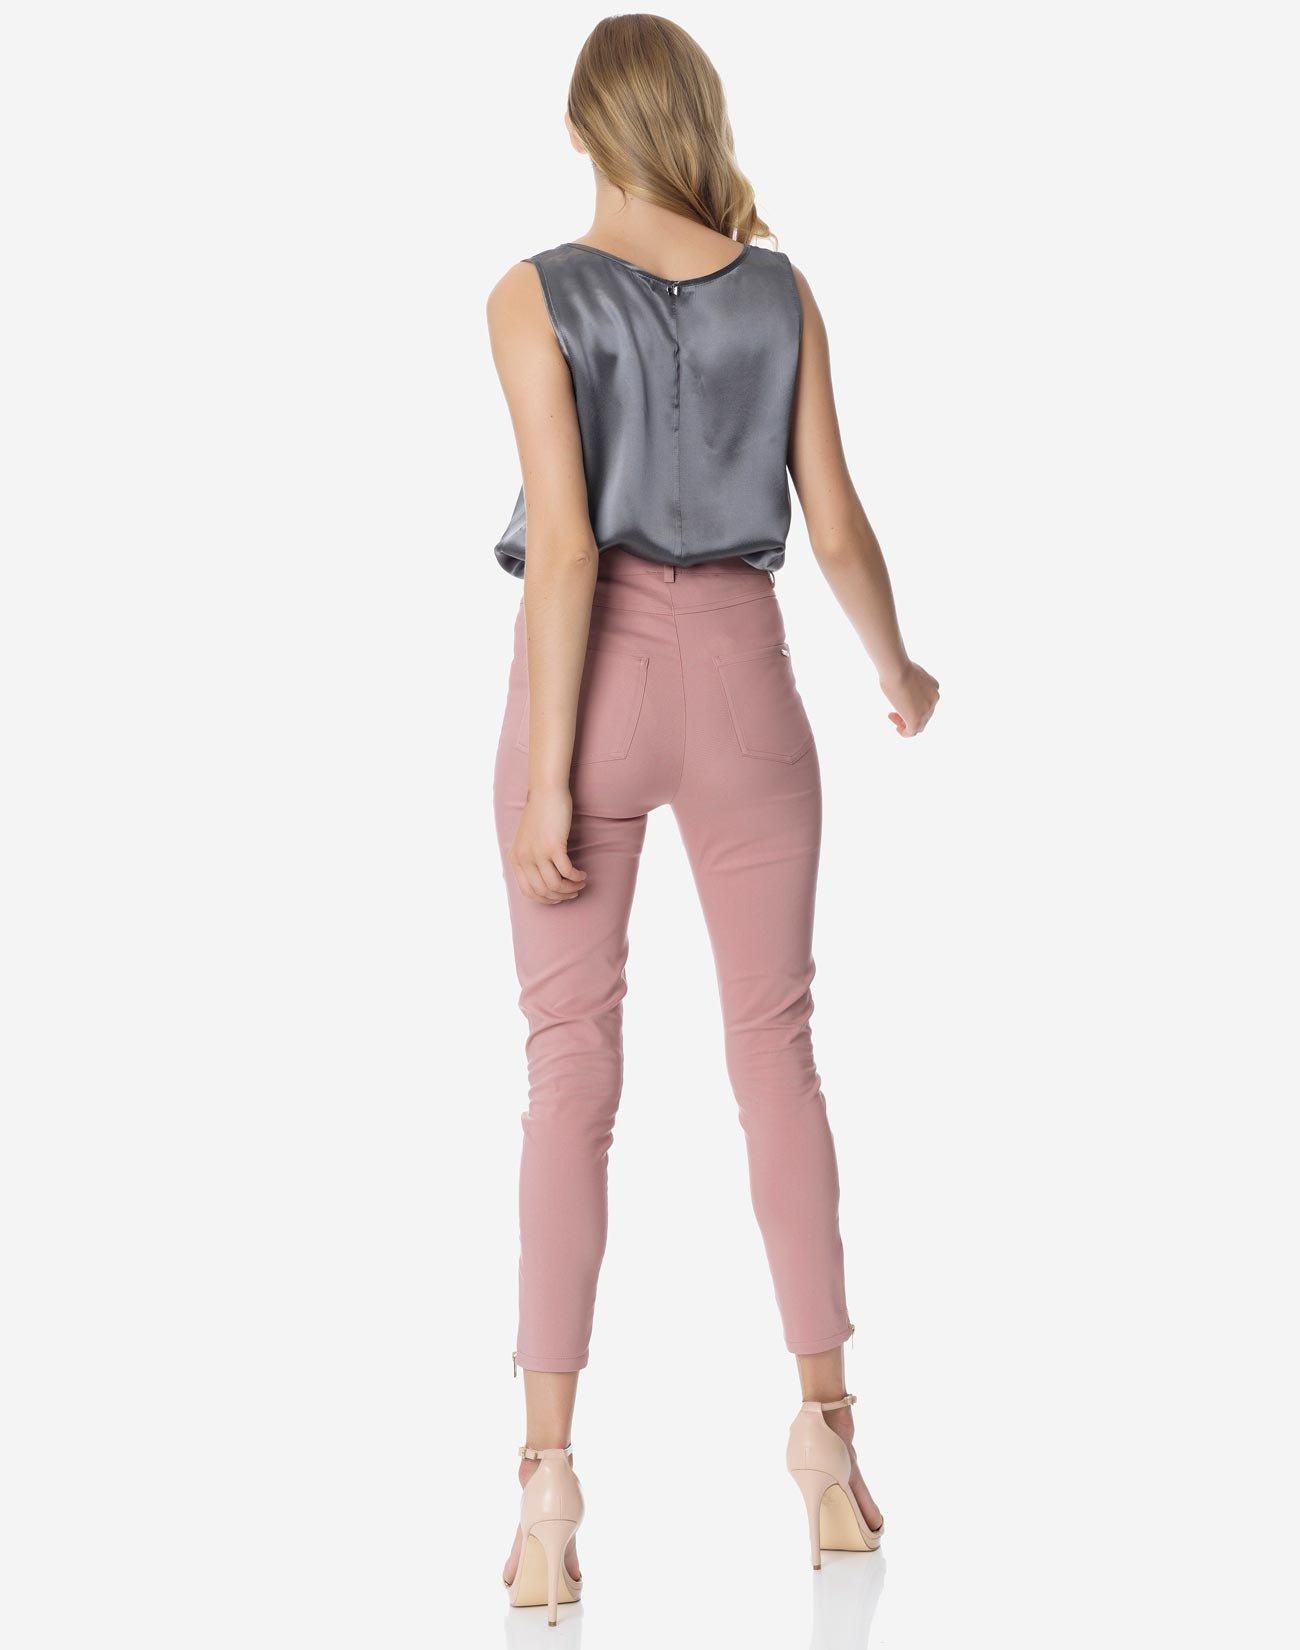 High waist trouser with zip detail